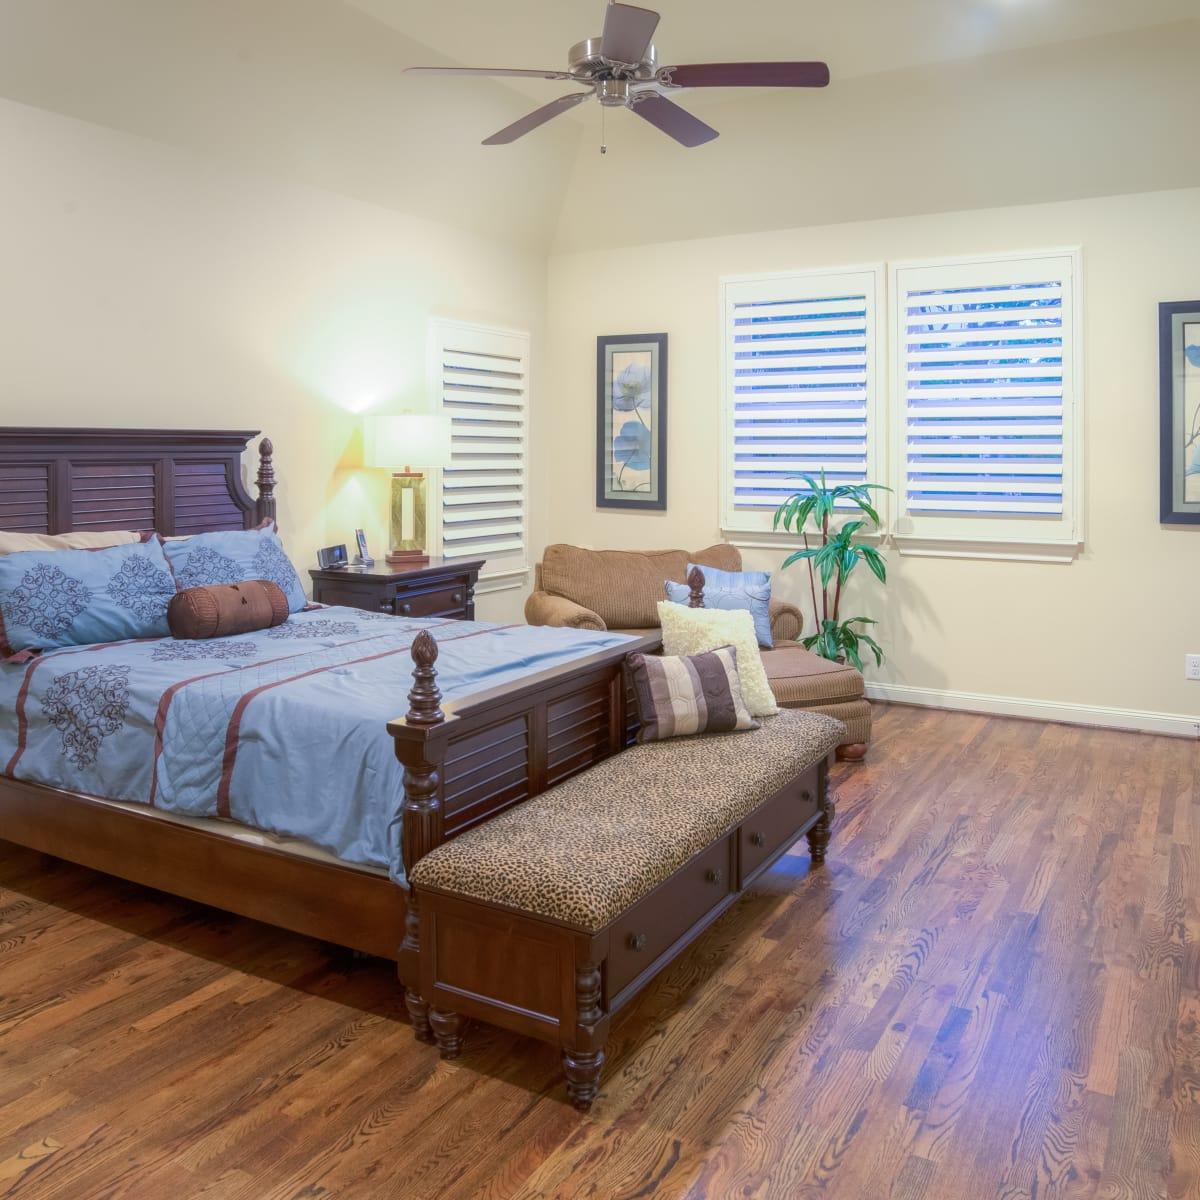 Houston, 1216 Bomar, June 2015, bedroom